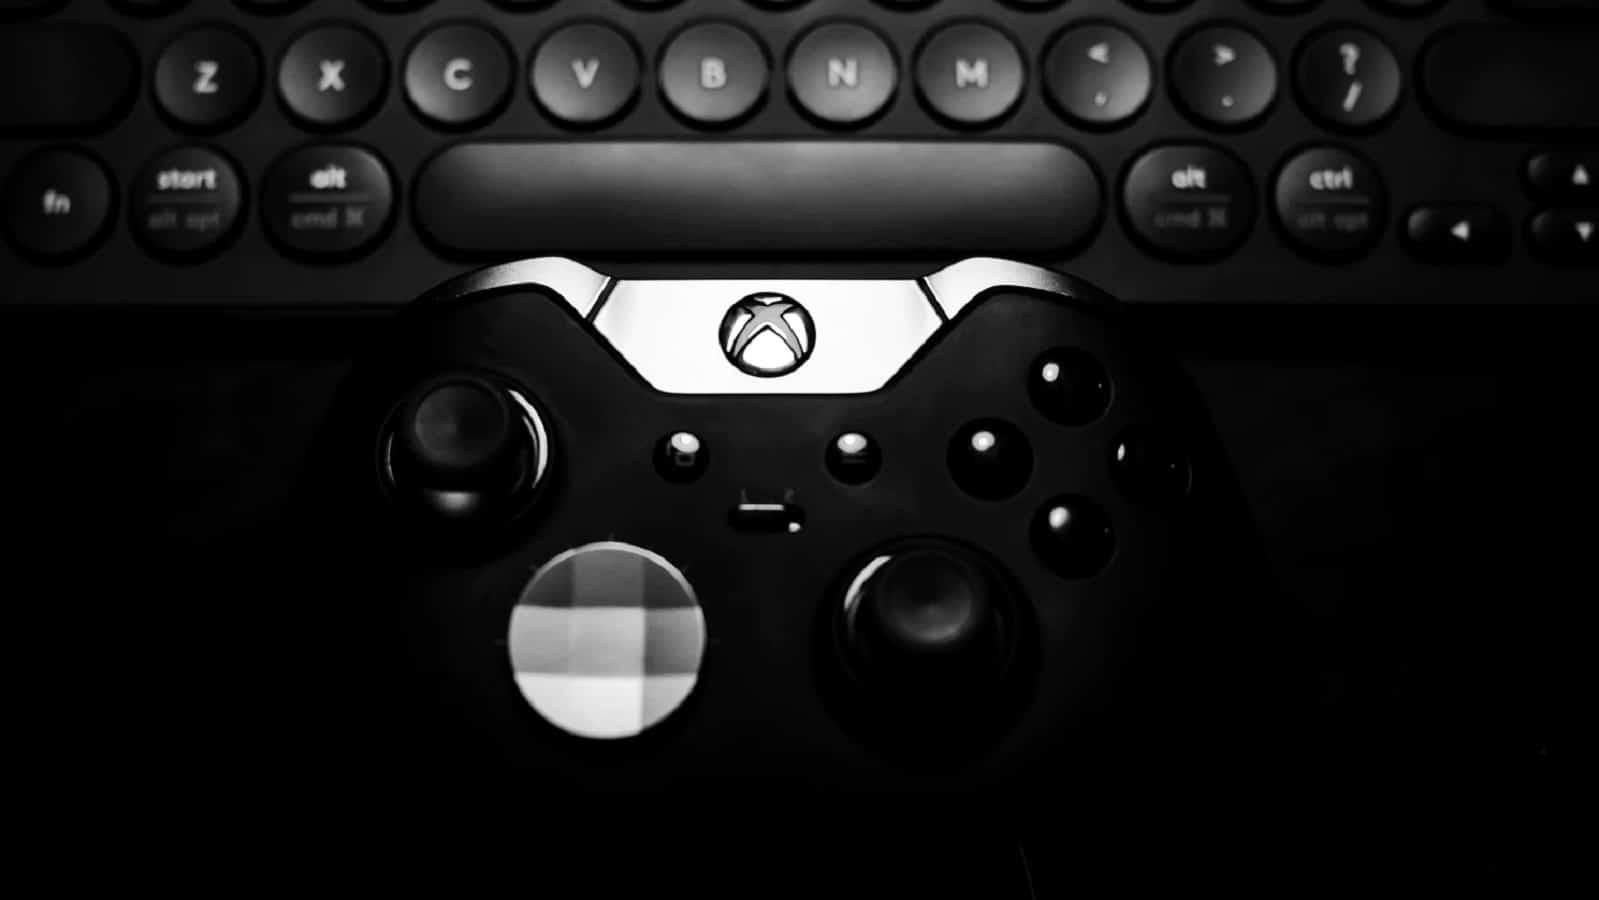 siyah beyaz bir xbox